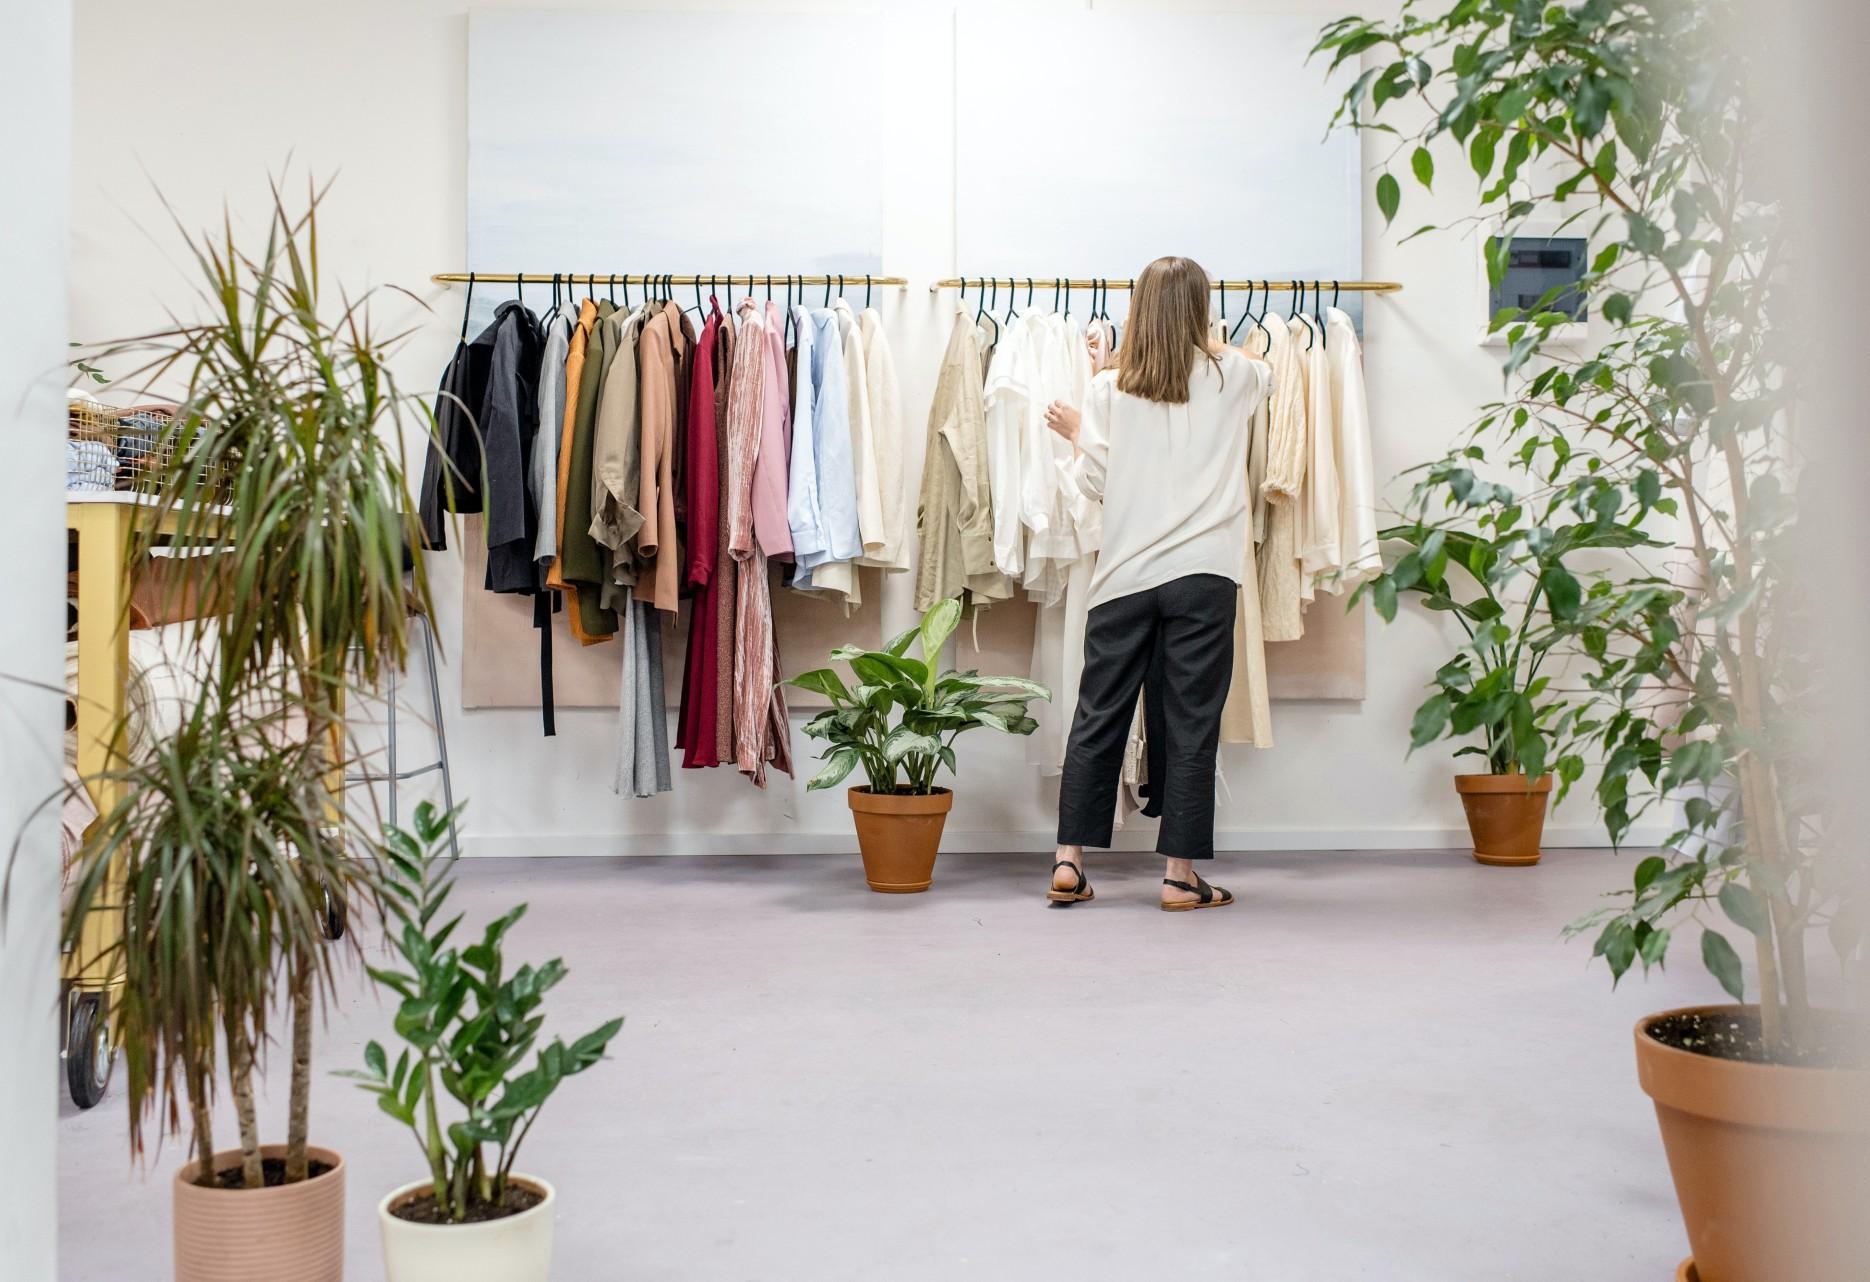 Tendência de mercado: o varejo fashion será mais agênero